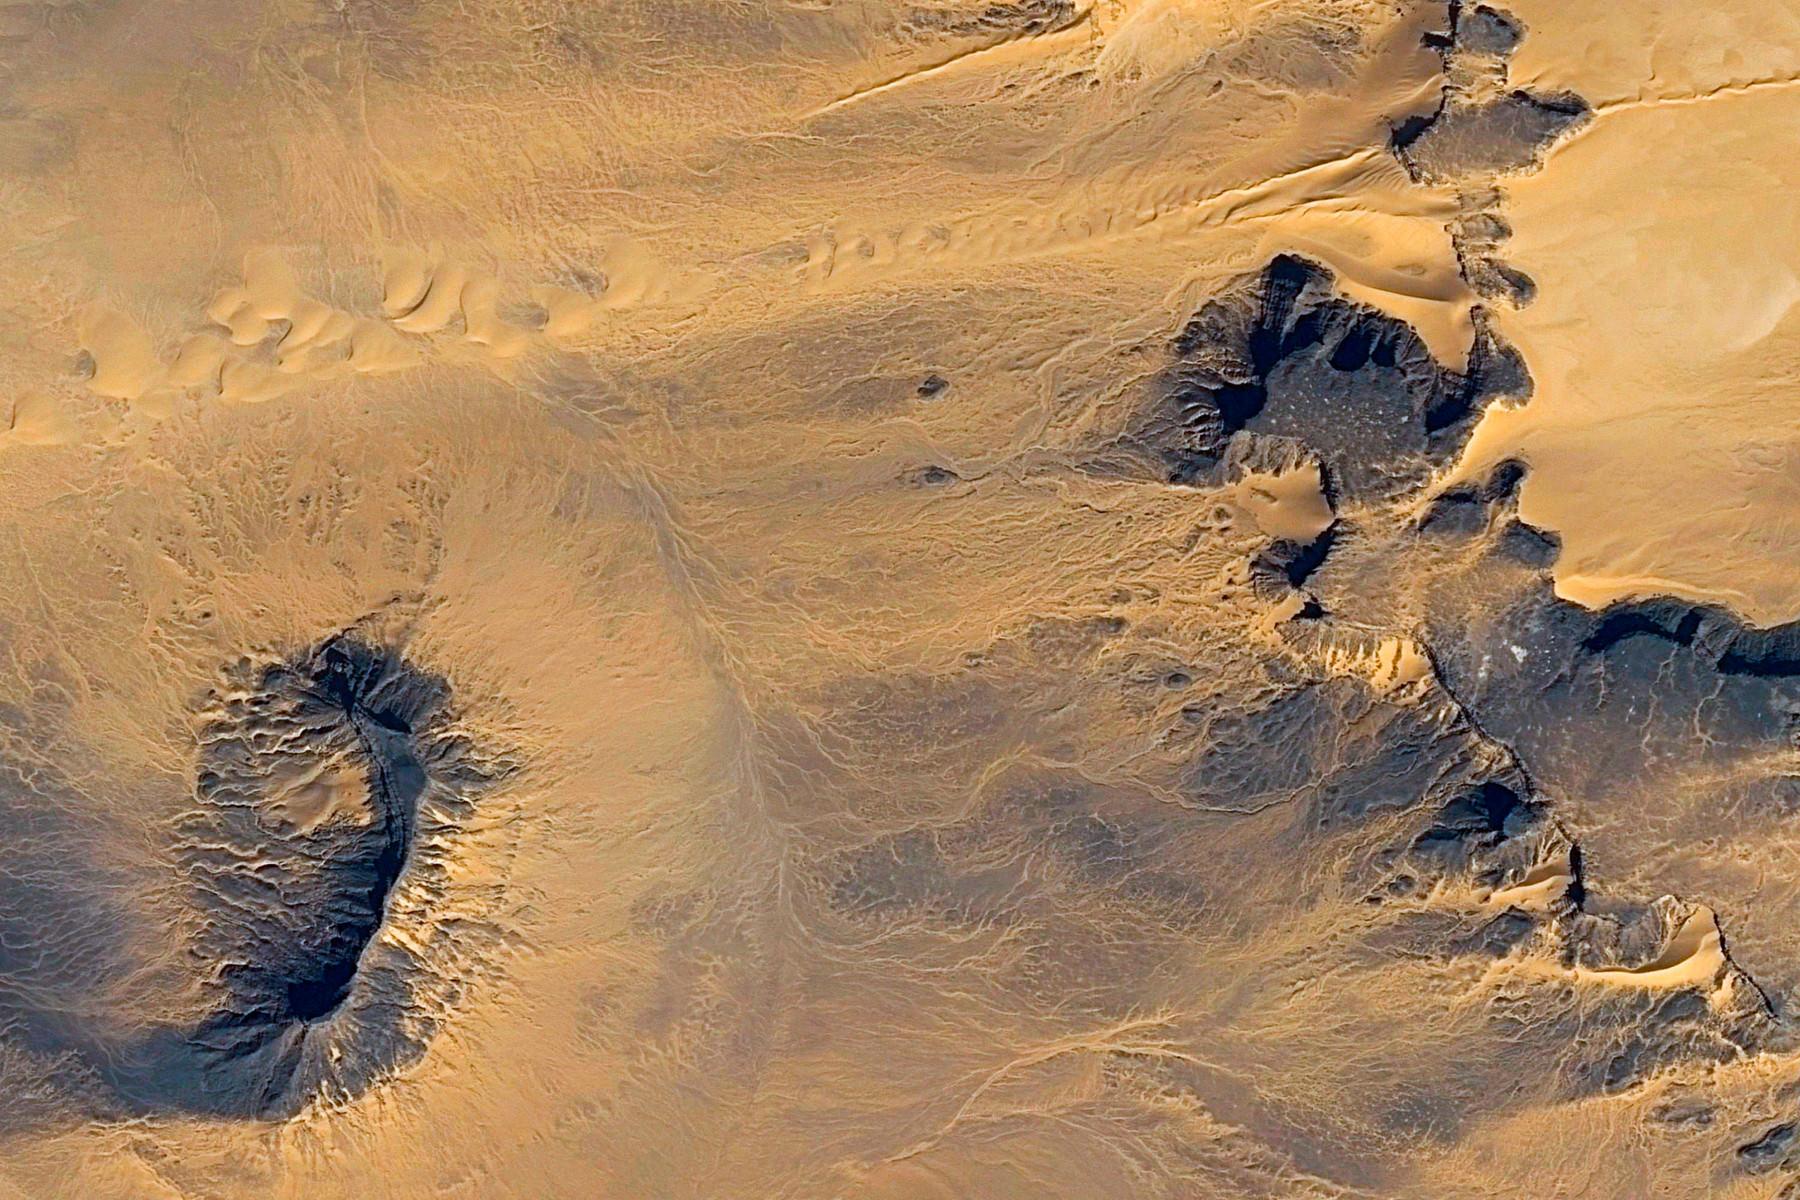 google-earth-Chad-Ennedi-2259